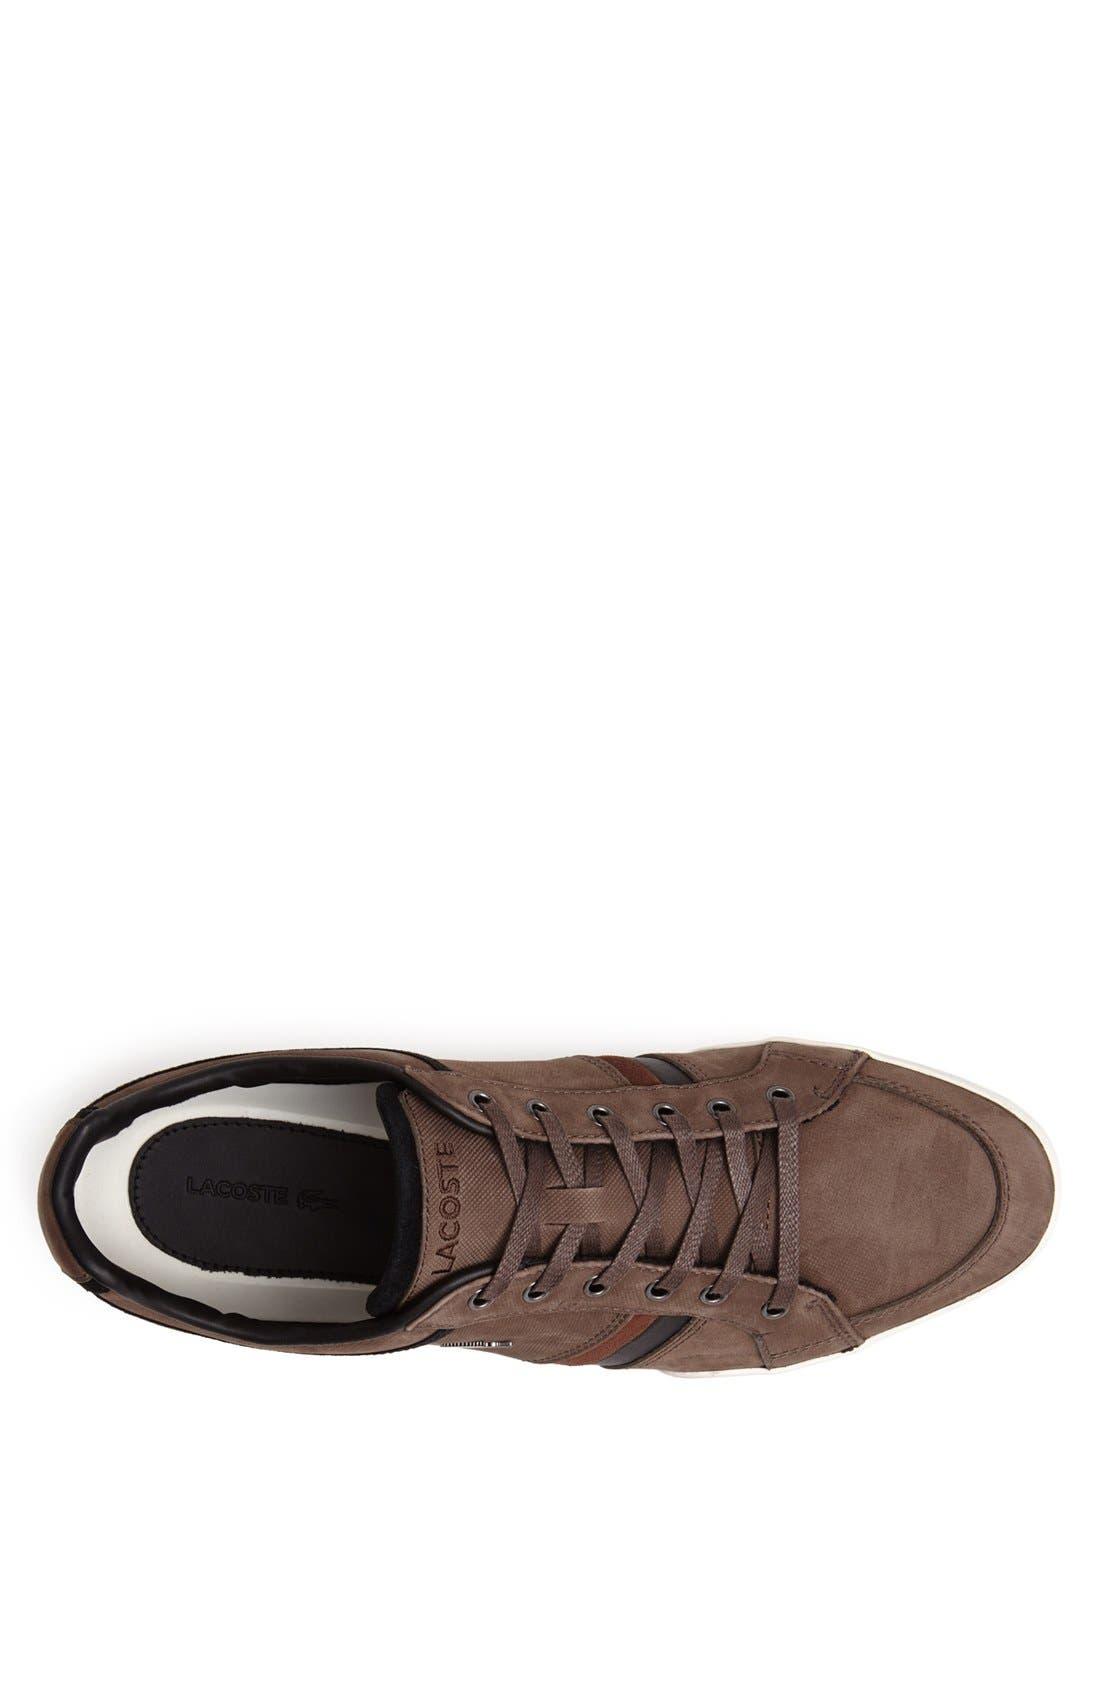 Alternate Image 3  - Lacoste 'Rayford 4' Sneaker (Men)